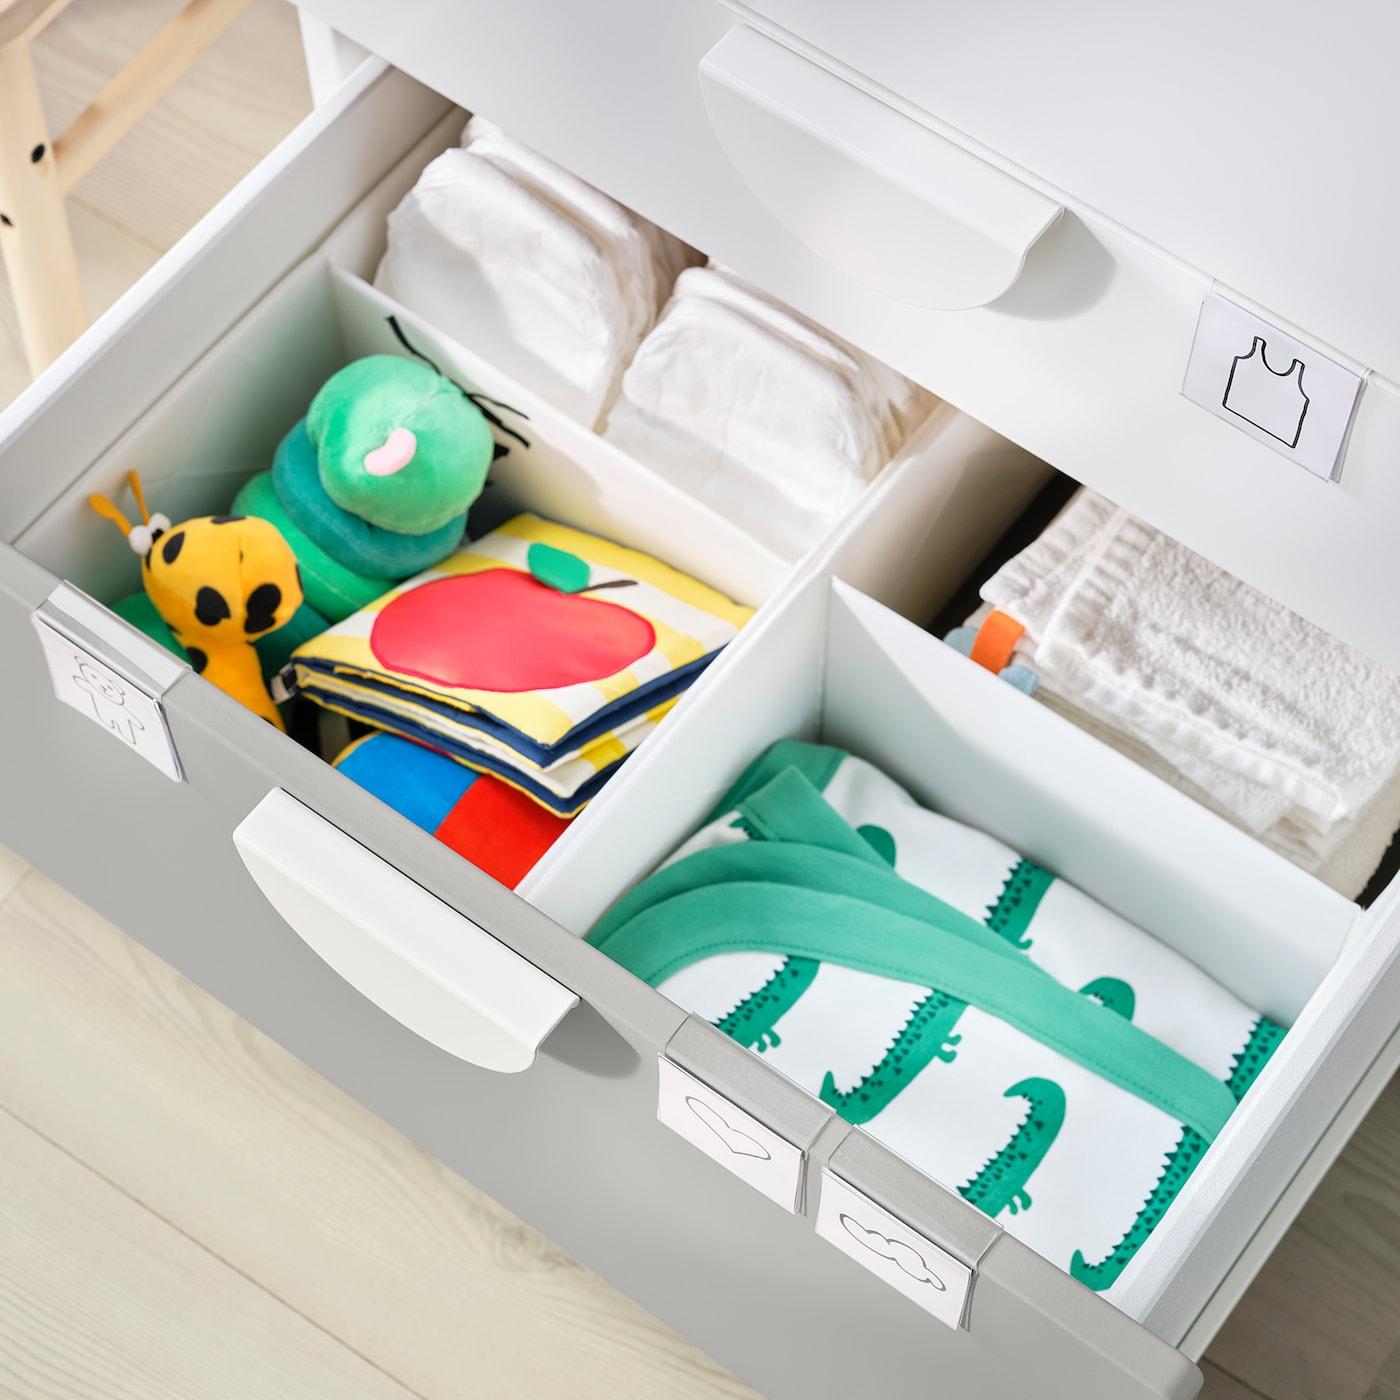 SMÅSTAD Přebalovací stůl, bílá šedá/se 3 zásuvkami, 90x79x100 cm